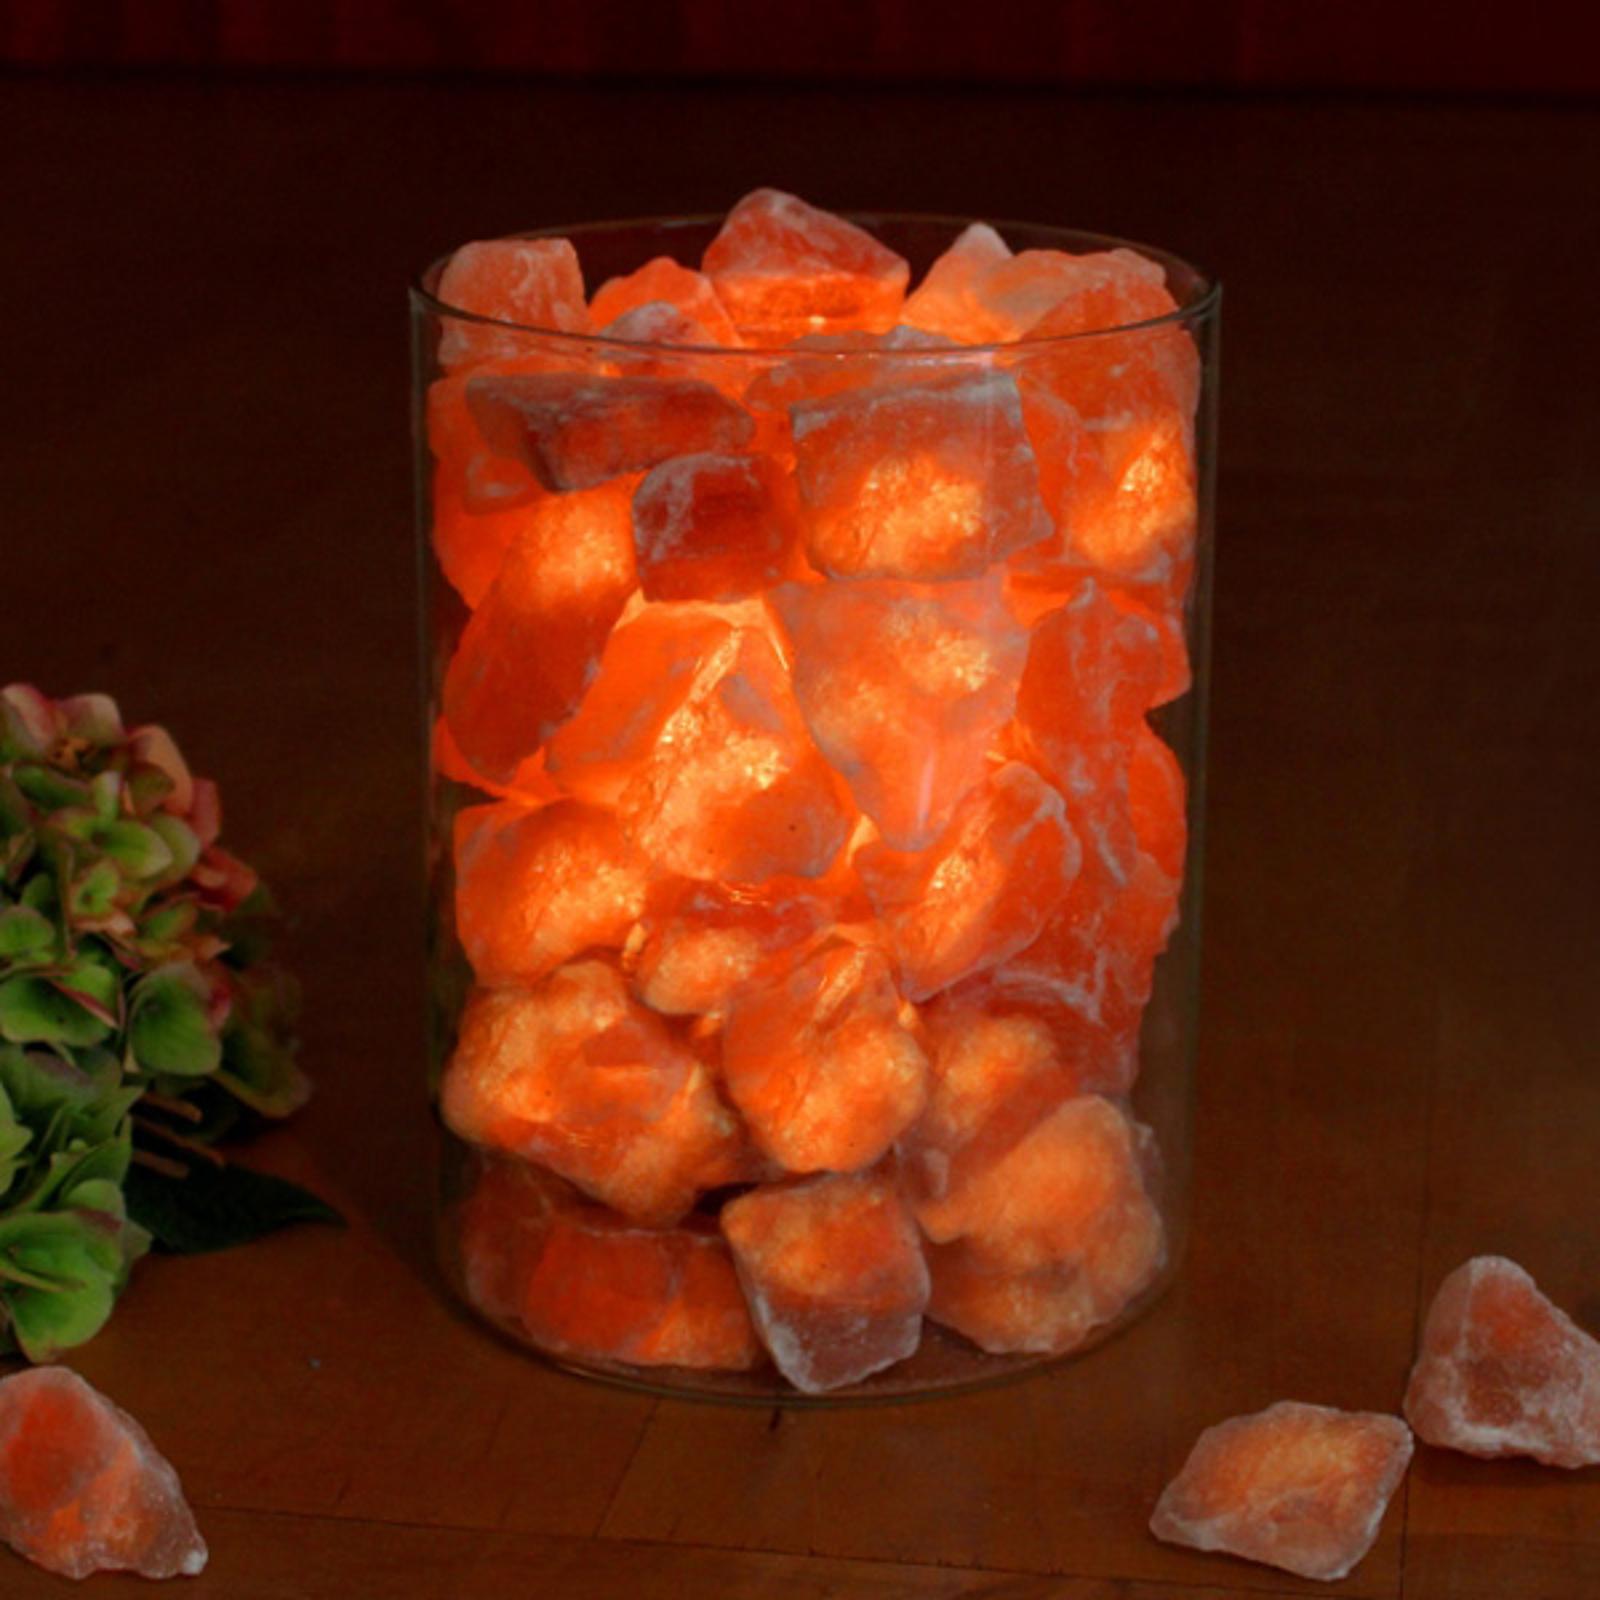 Saltkrystal-Ild i glas